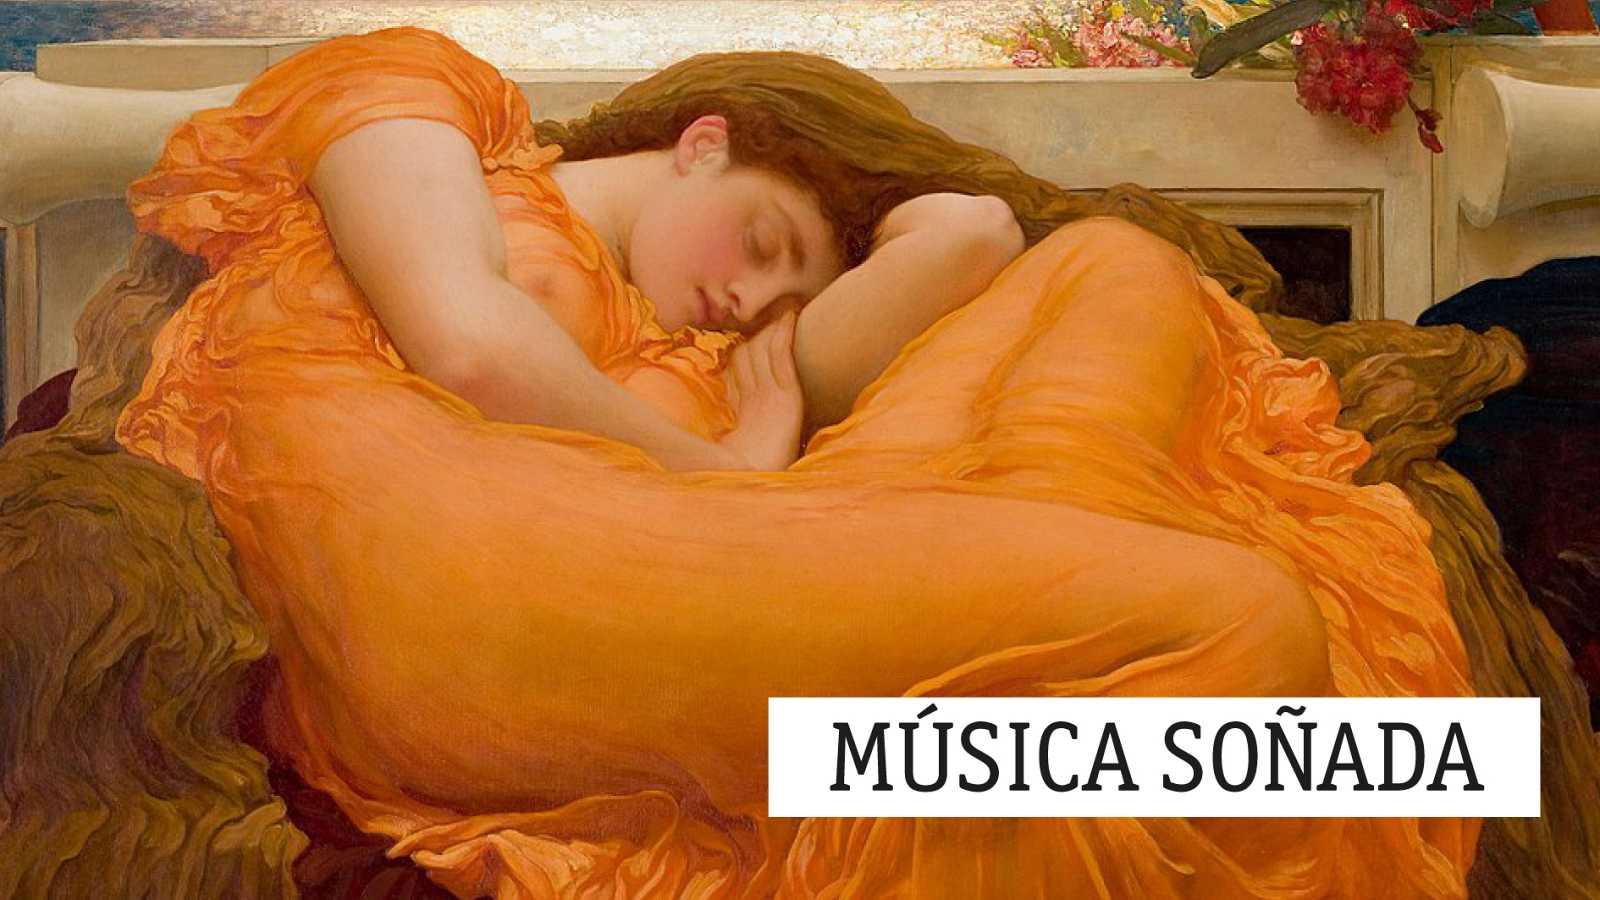 Música soñada - Pequeñas grandes viajeras - 24/10/20 - escuchar ahora